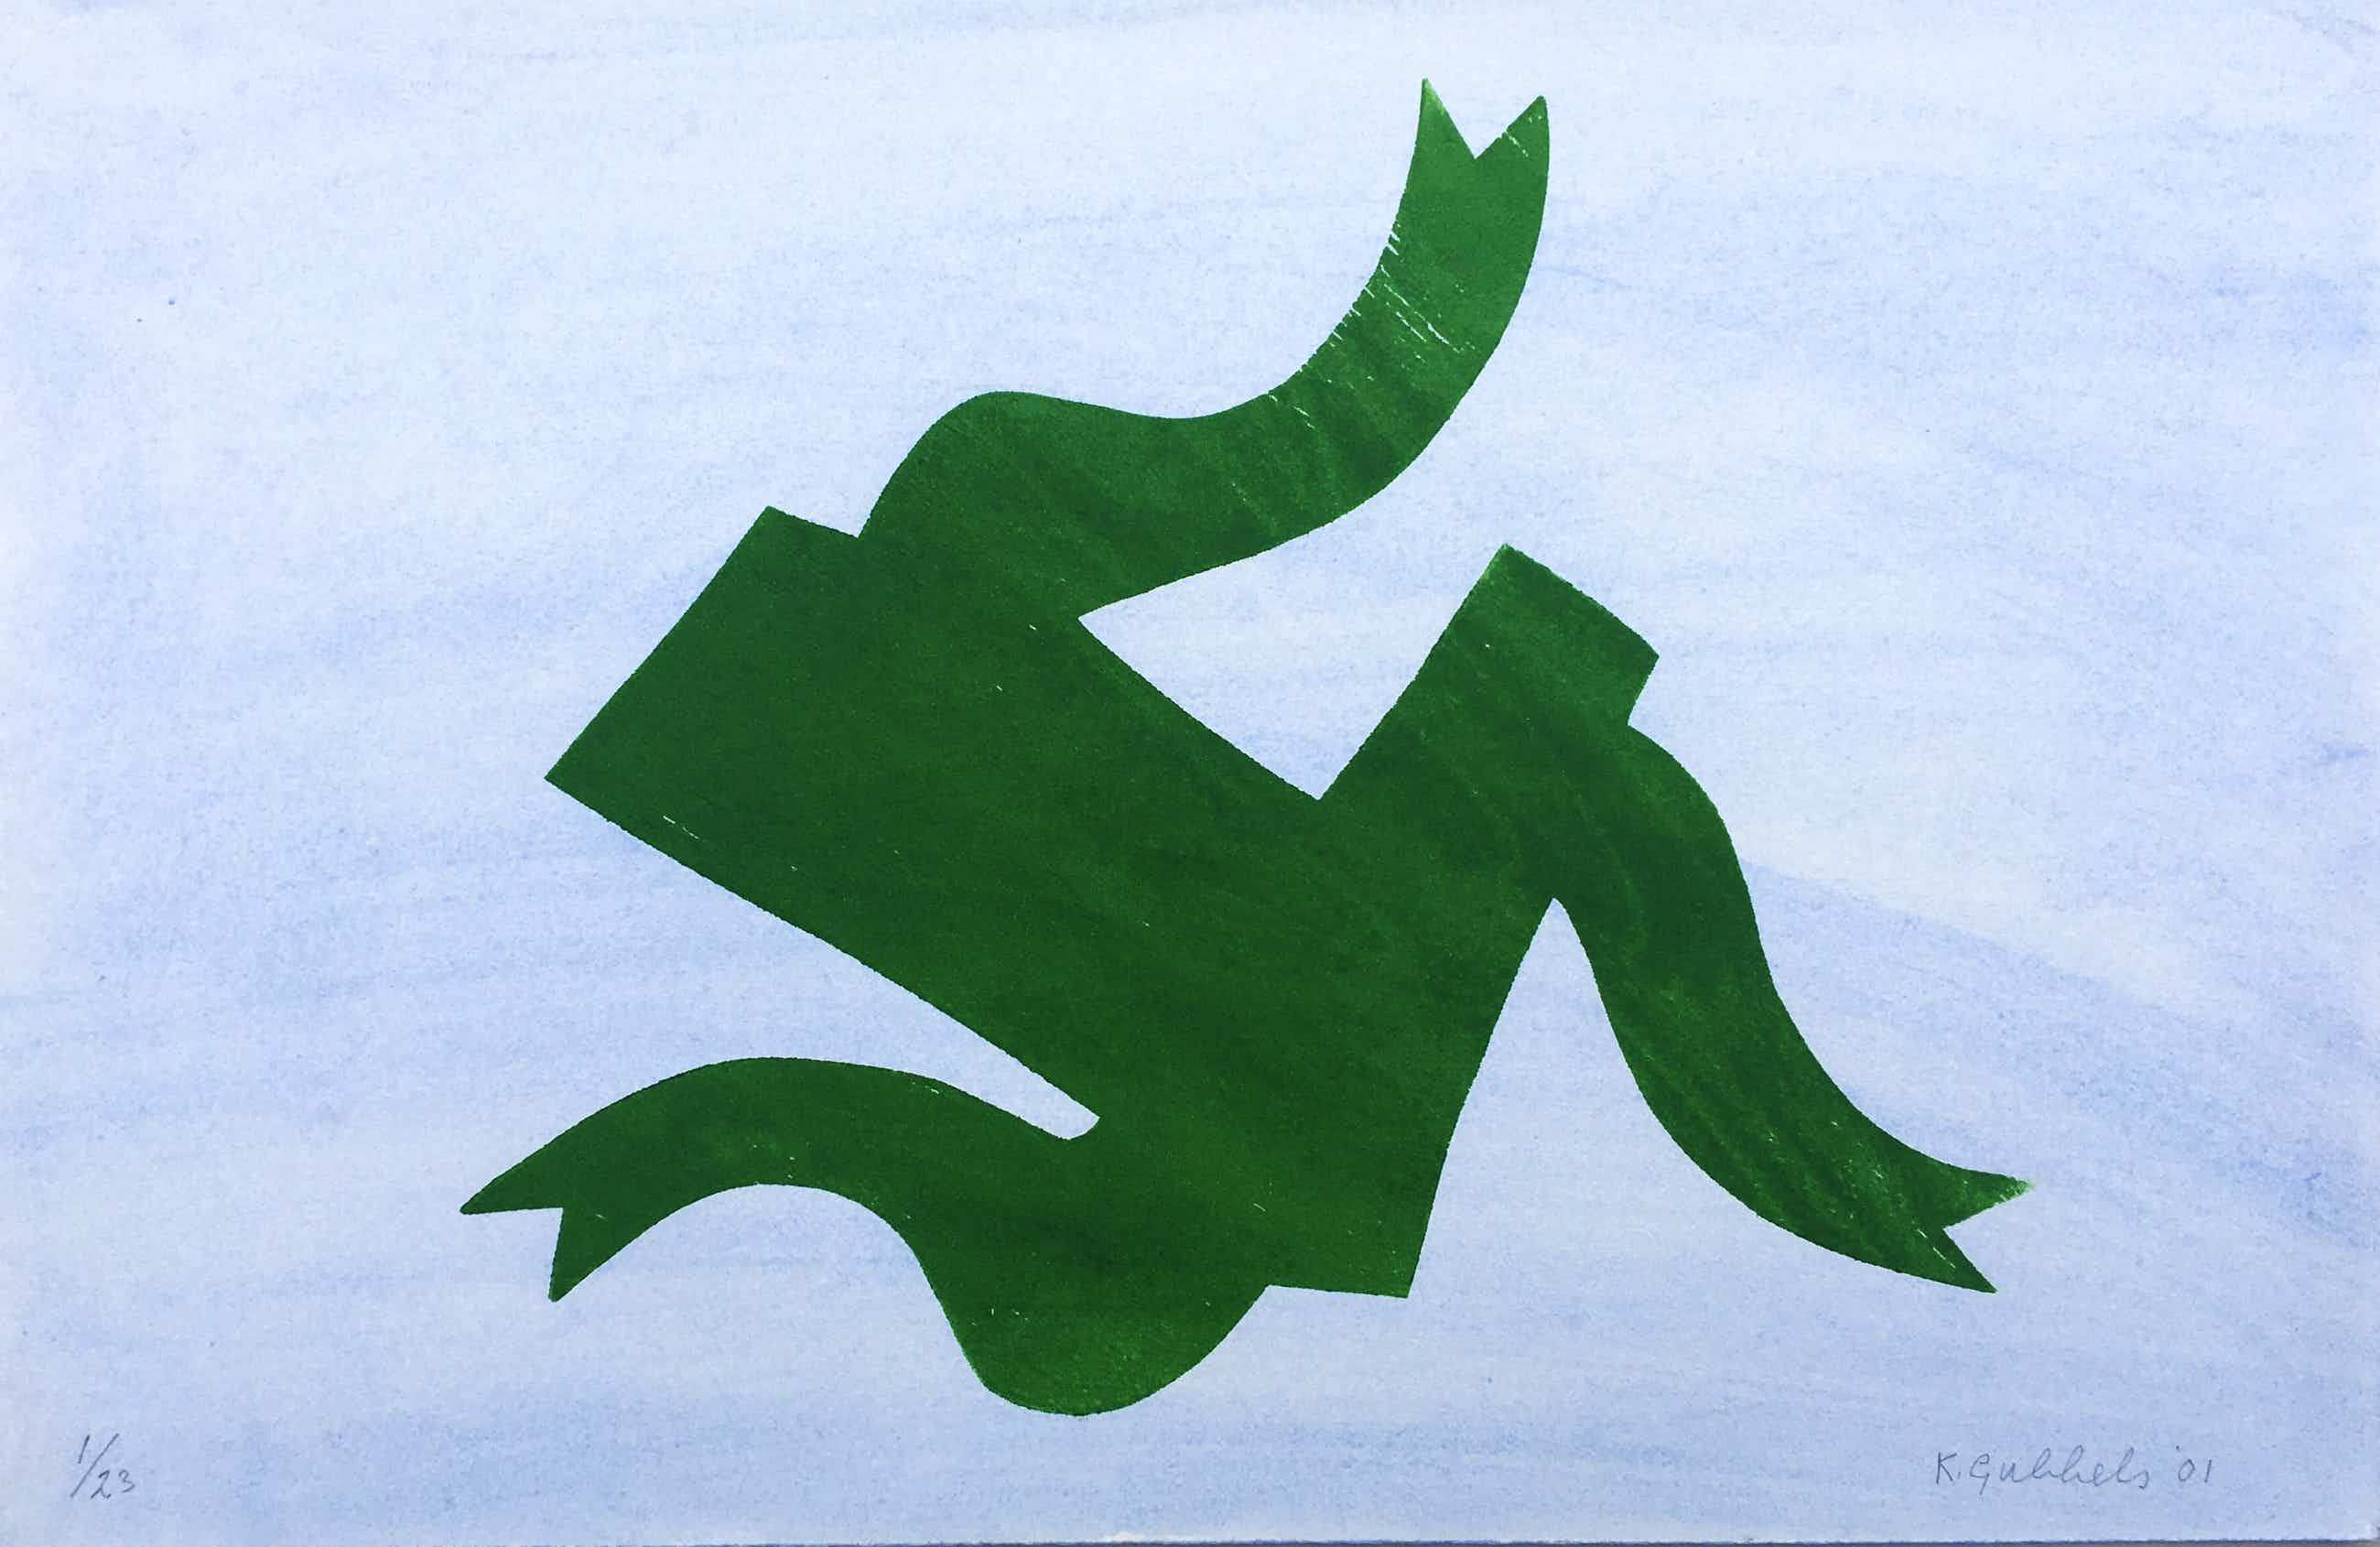 Klaas Gubbels - 'De Loper' - houtdruk met aquarel ondergrond - 2001 kopen? Bied vanaf 375!